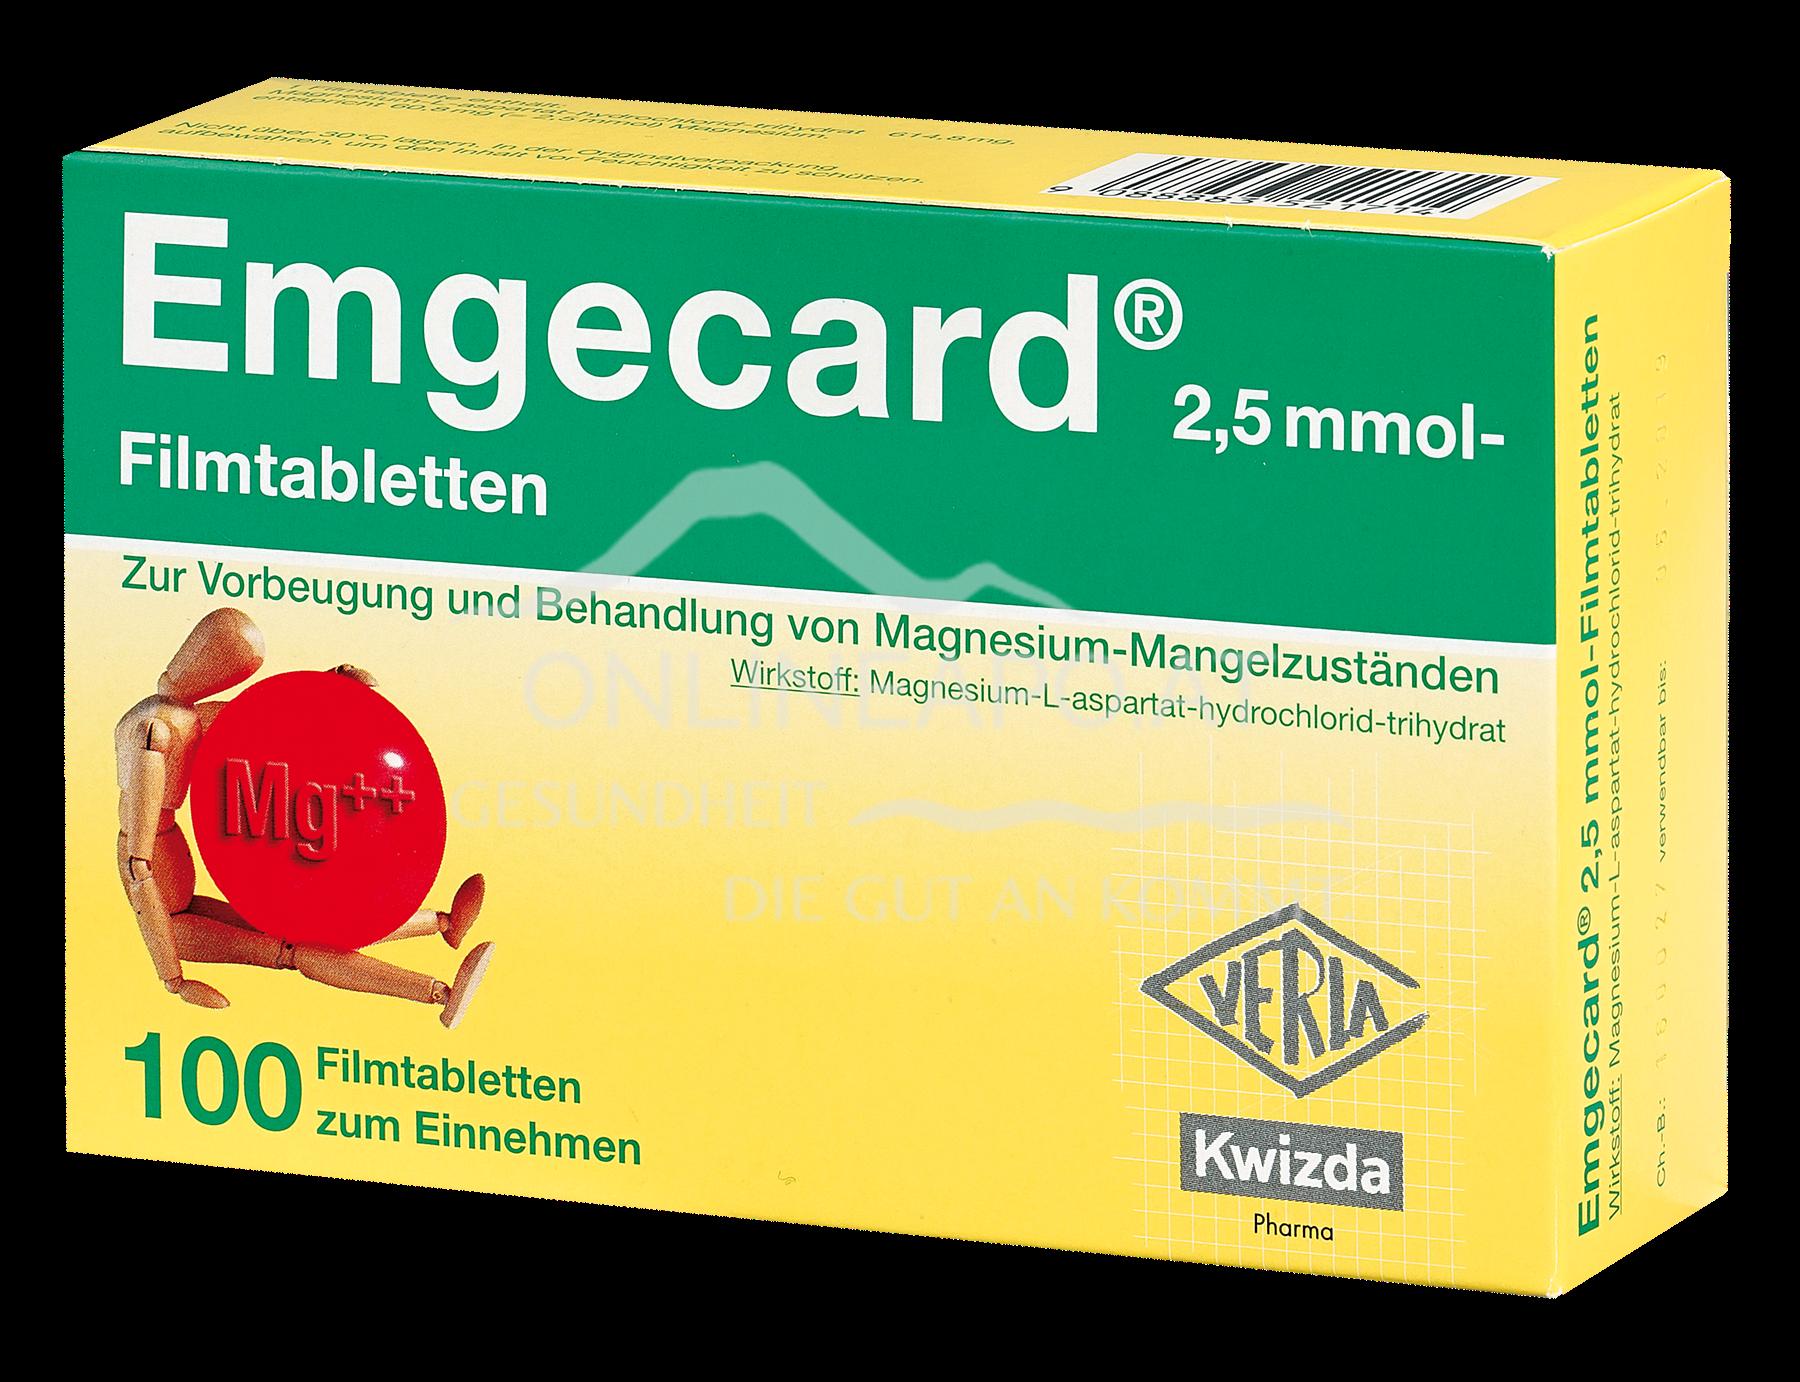 Emgecard 2,5 mmol Filmtabletten